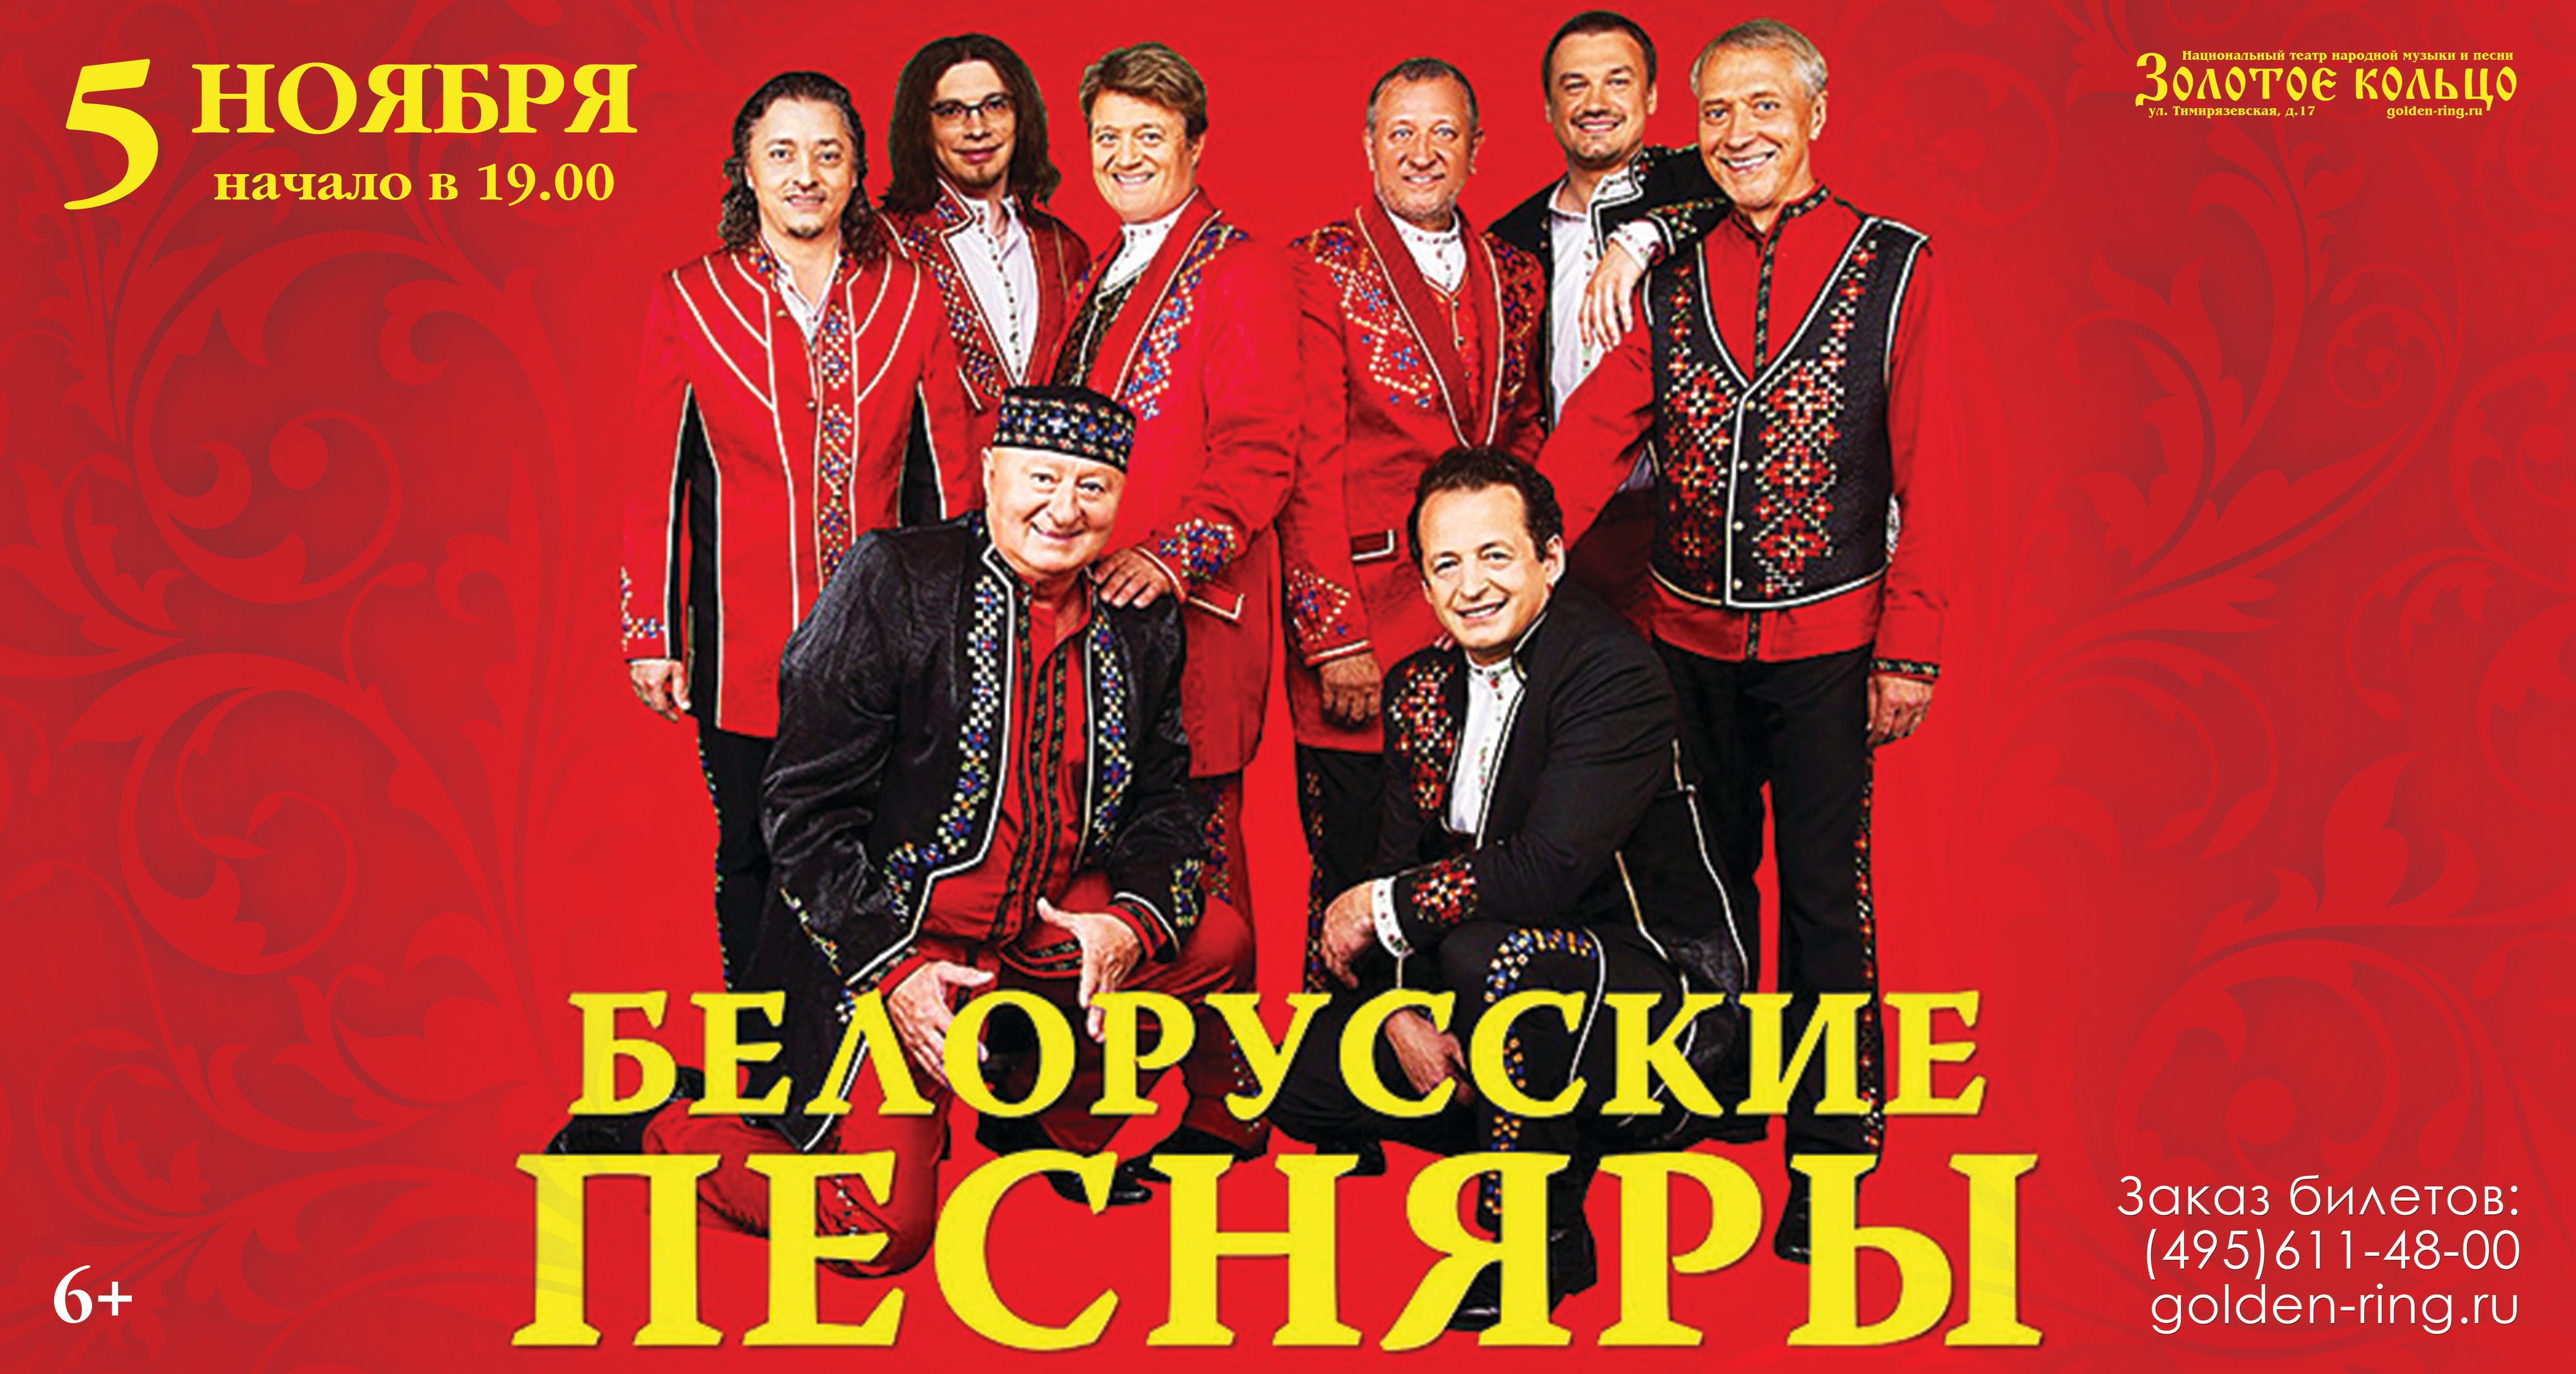 2017-11-05 - Белорусские Песняры